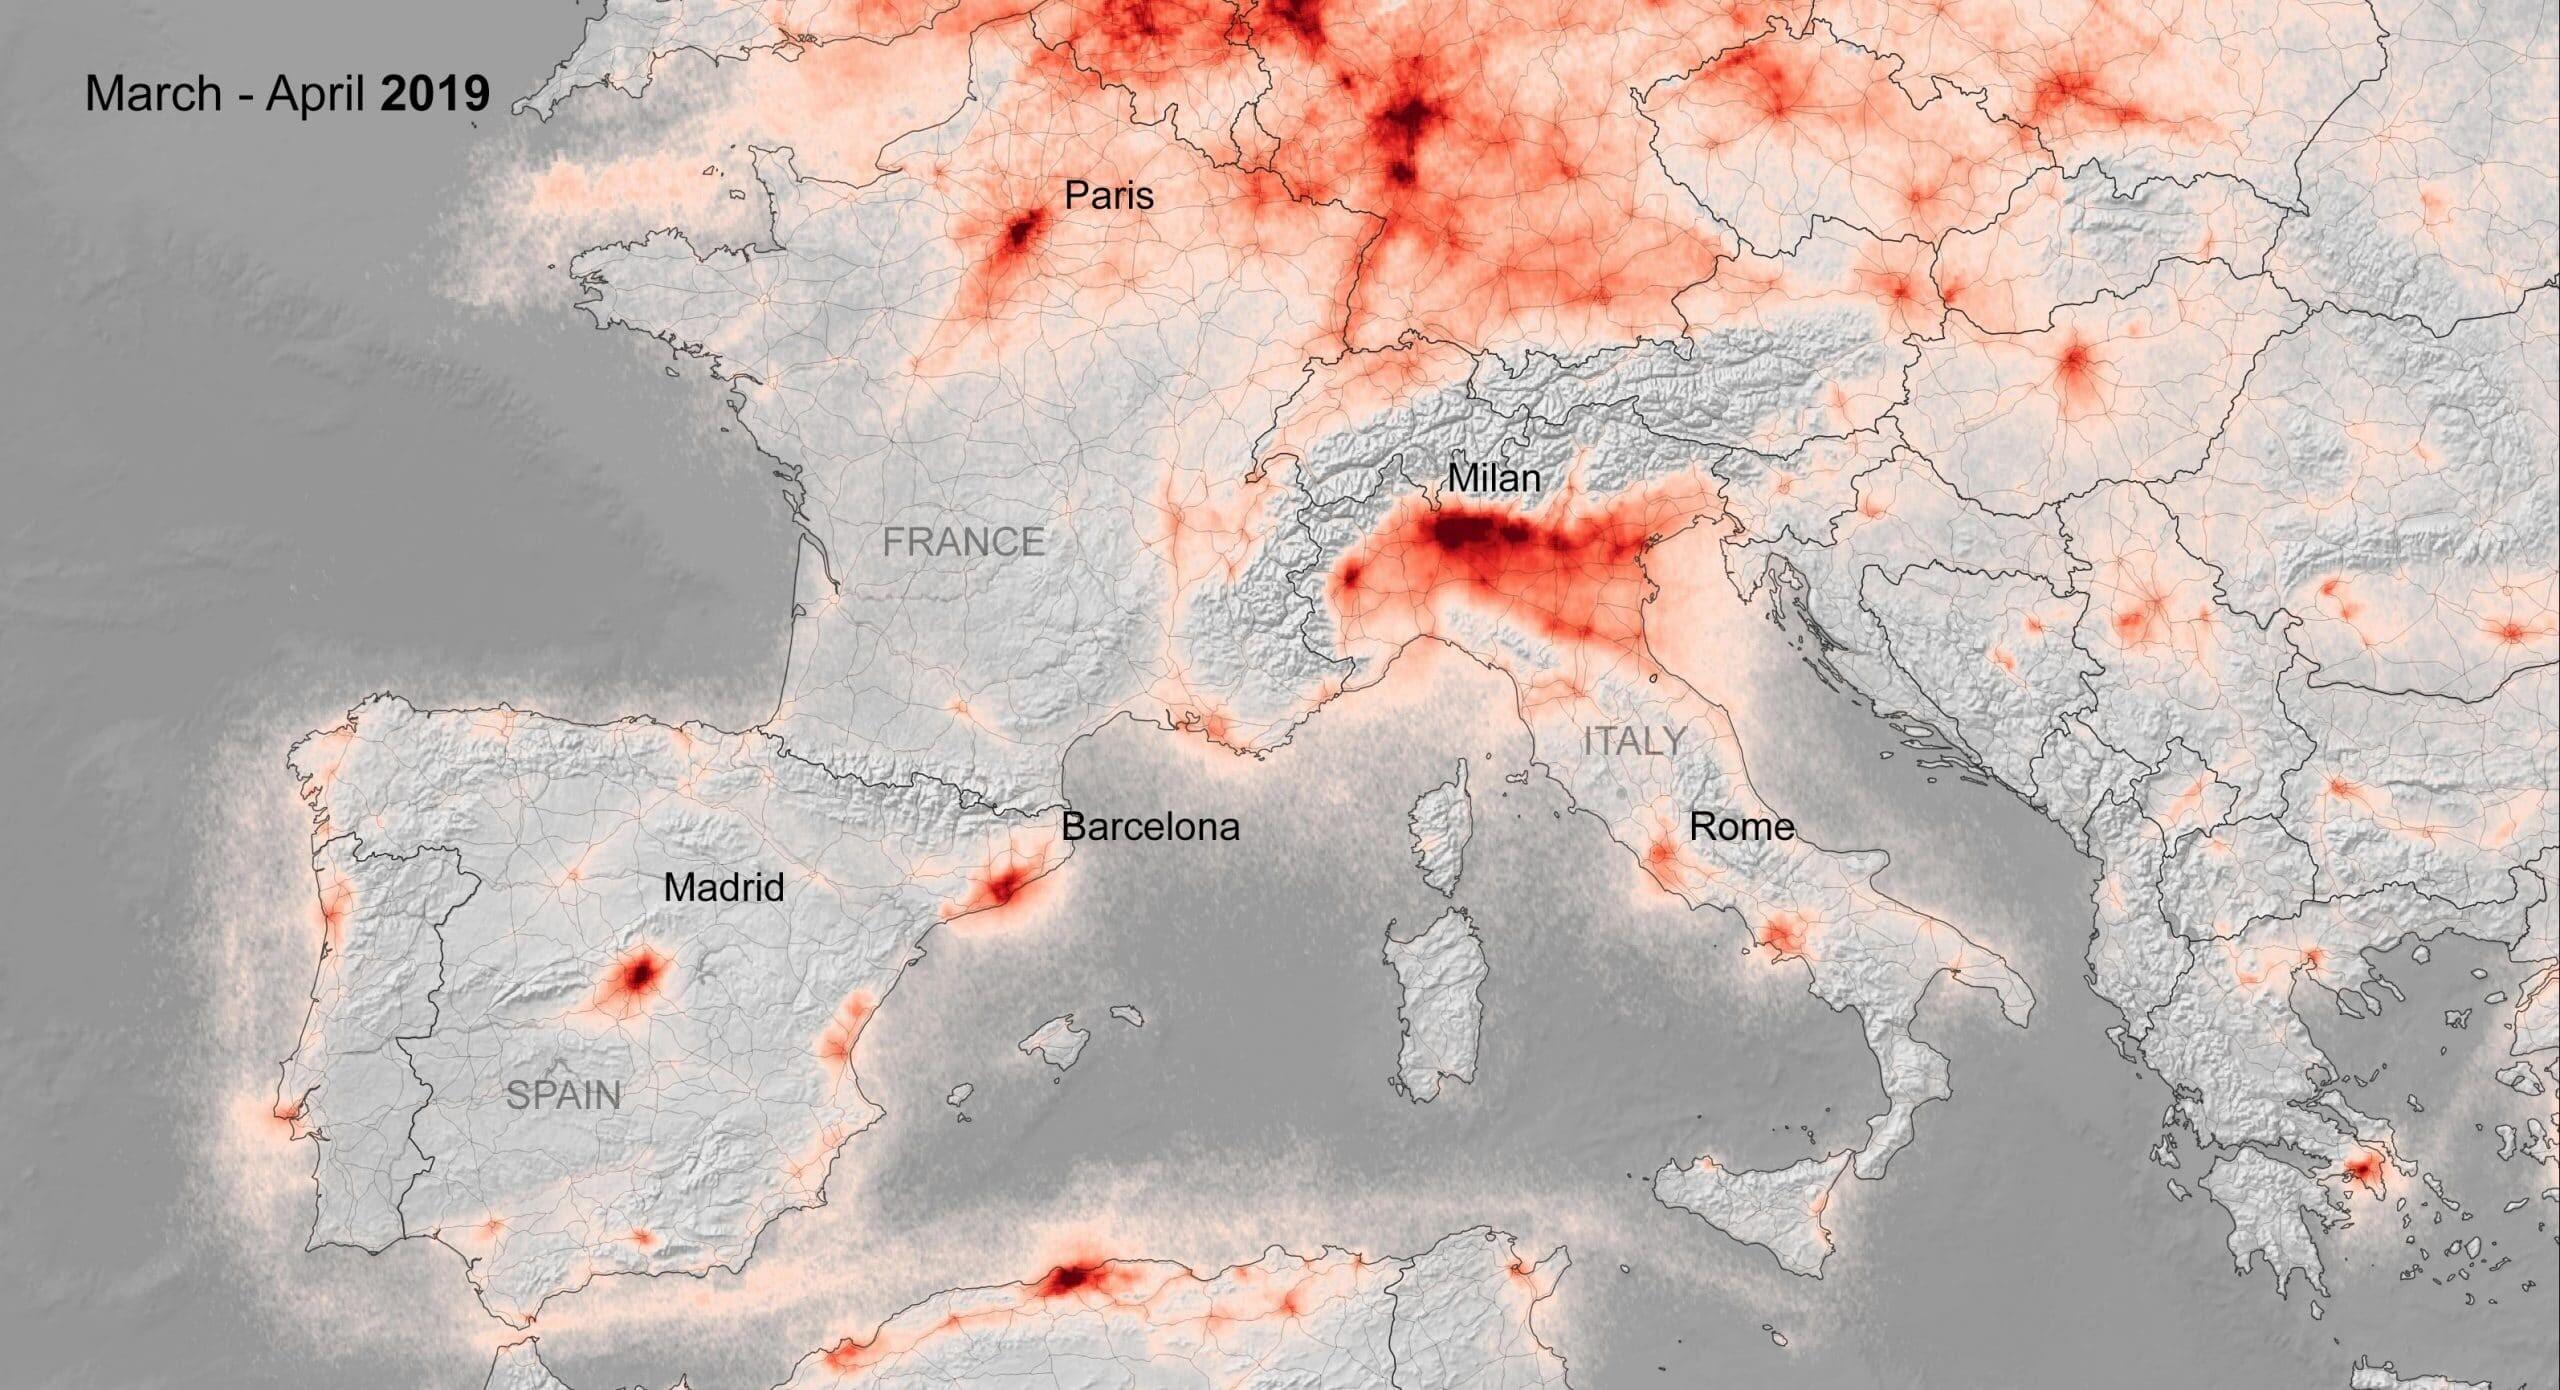 niesamowite zdjecia satelitarne pokazuja spadek zanieczyszczenia powietrza odkad europejczycy pozostaja w domach 02